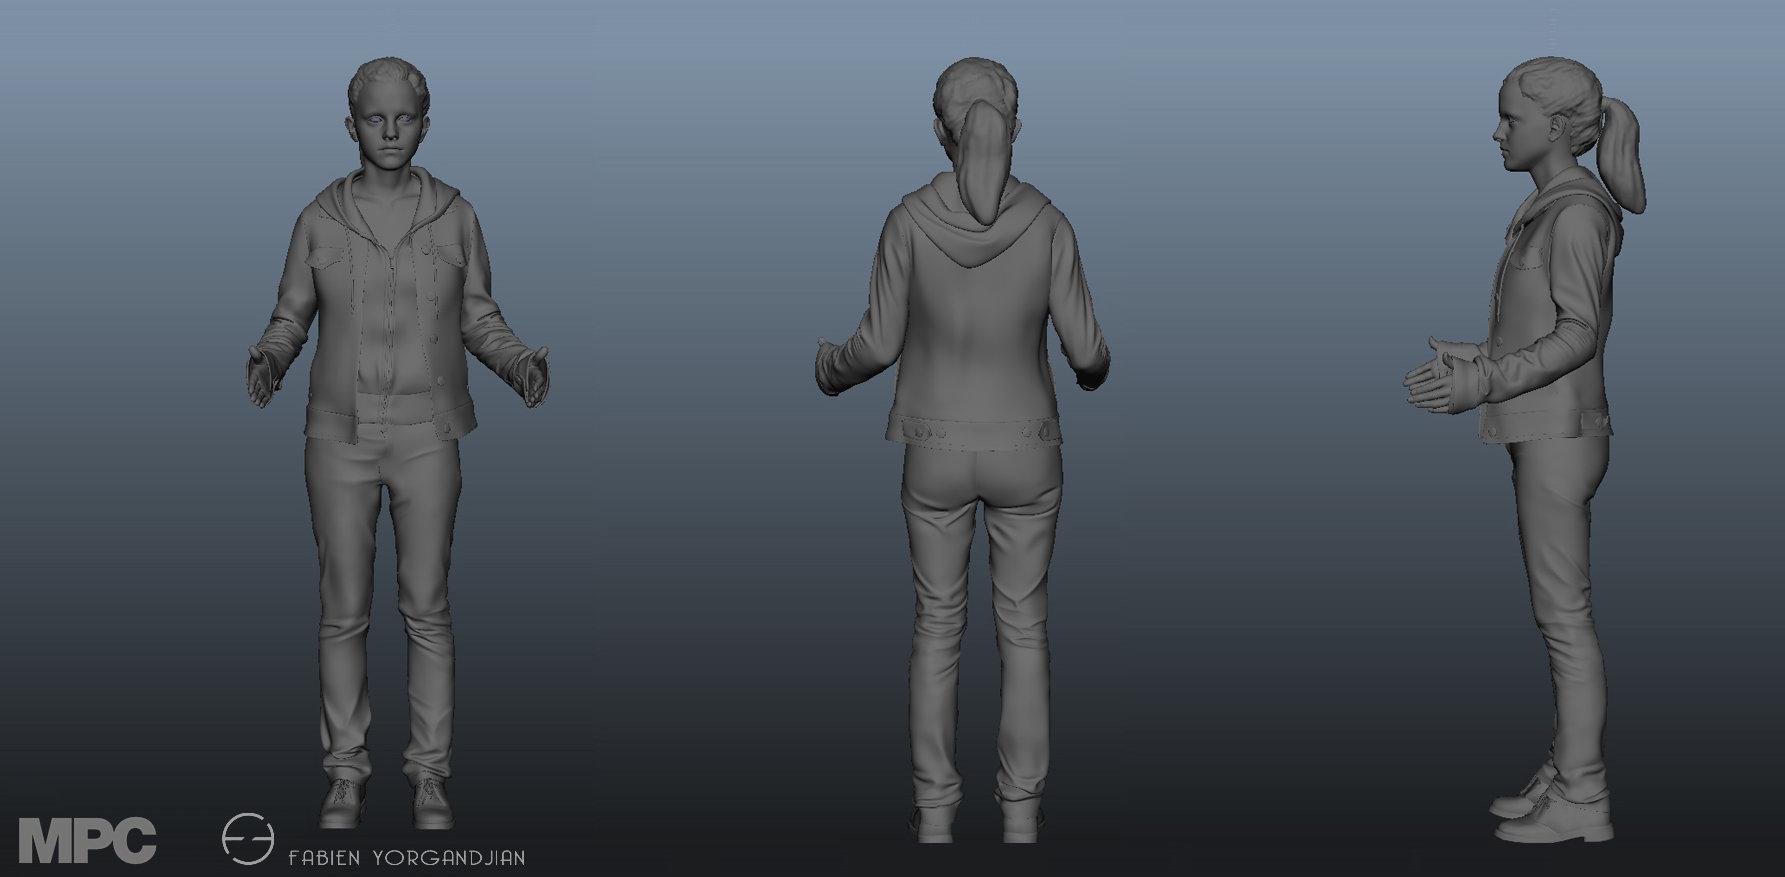 Fabien yorgandjian harrypotter hermione digitaldouble 01